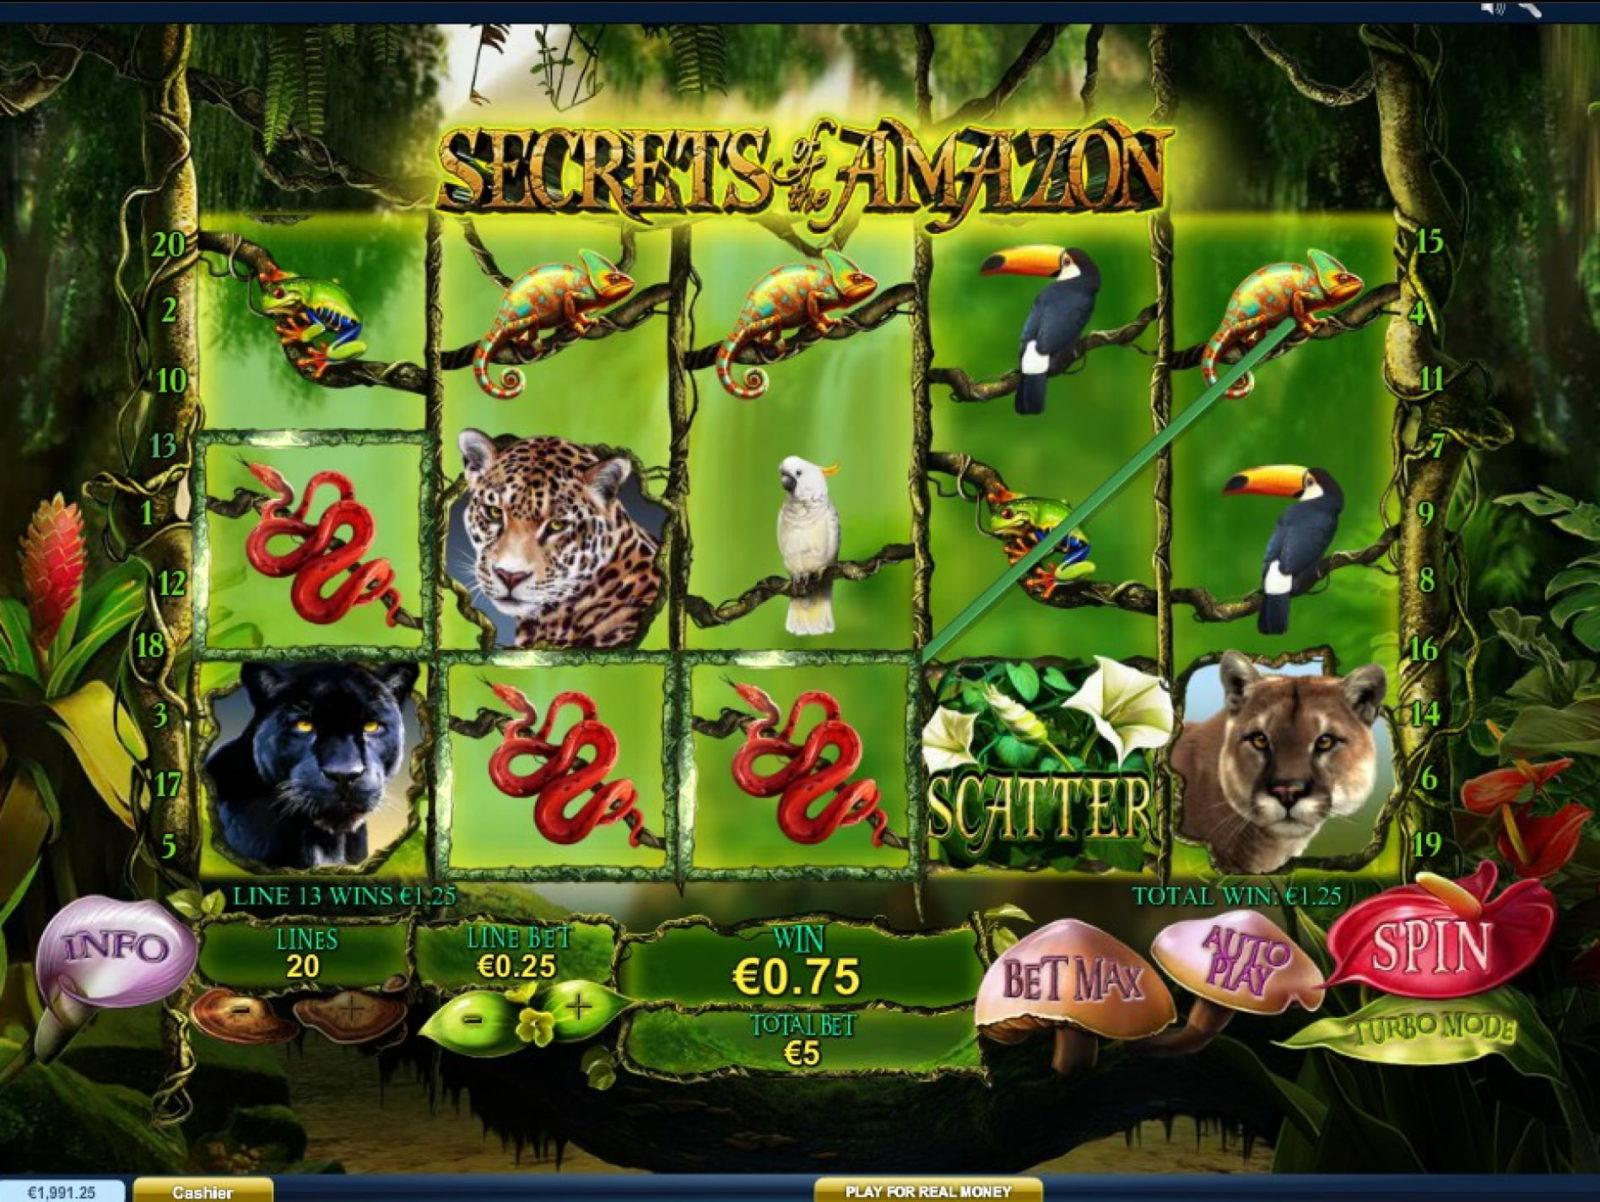 Нюансы оформления и геймплея Secrets of the Amazon в казино Вулкан